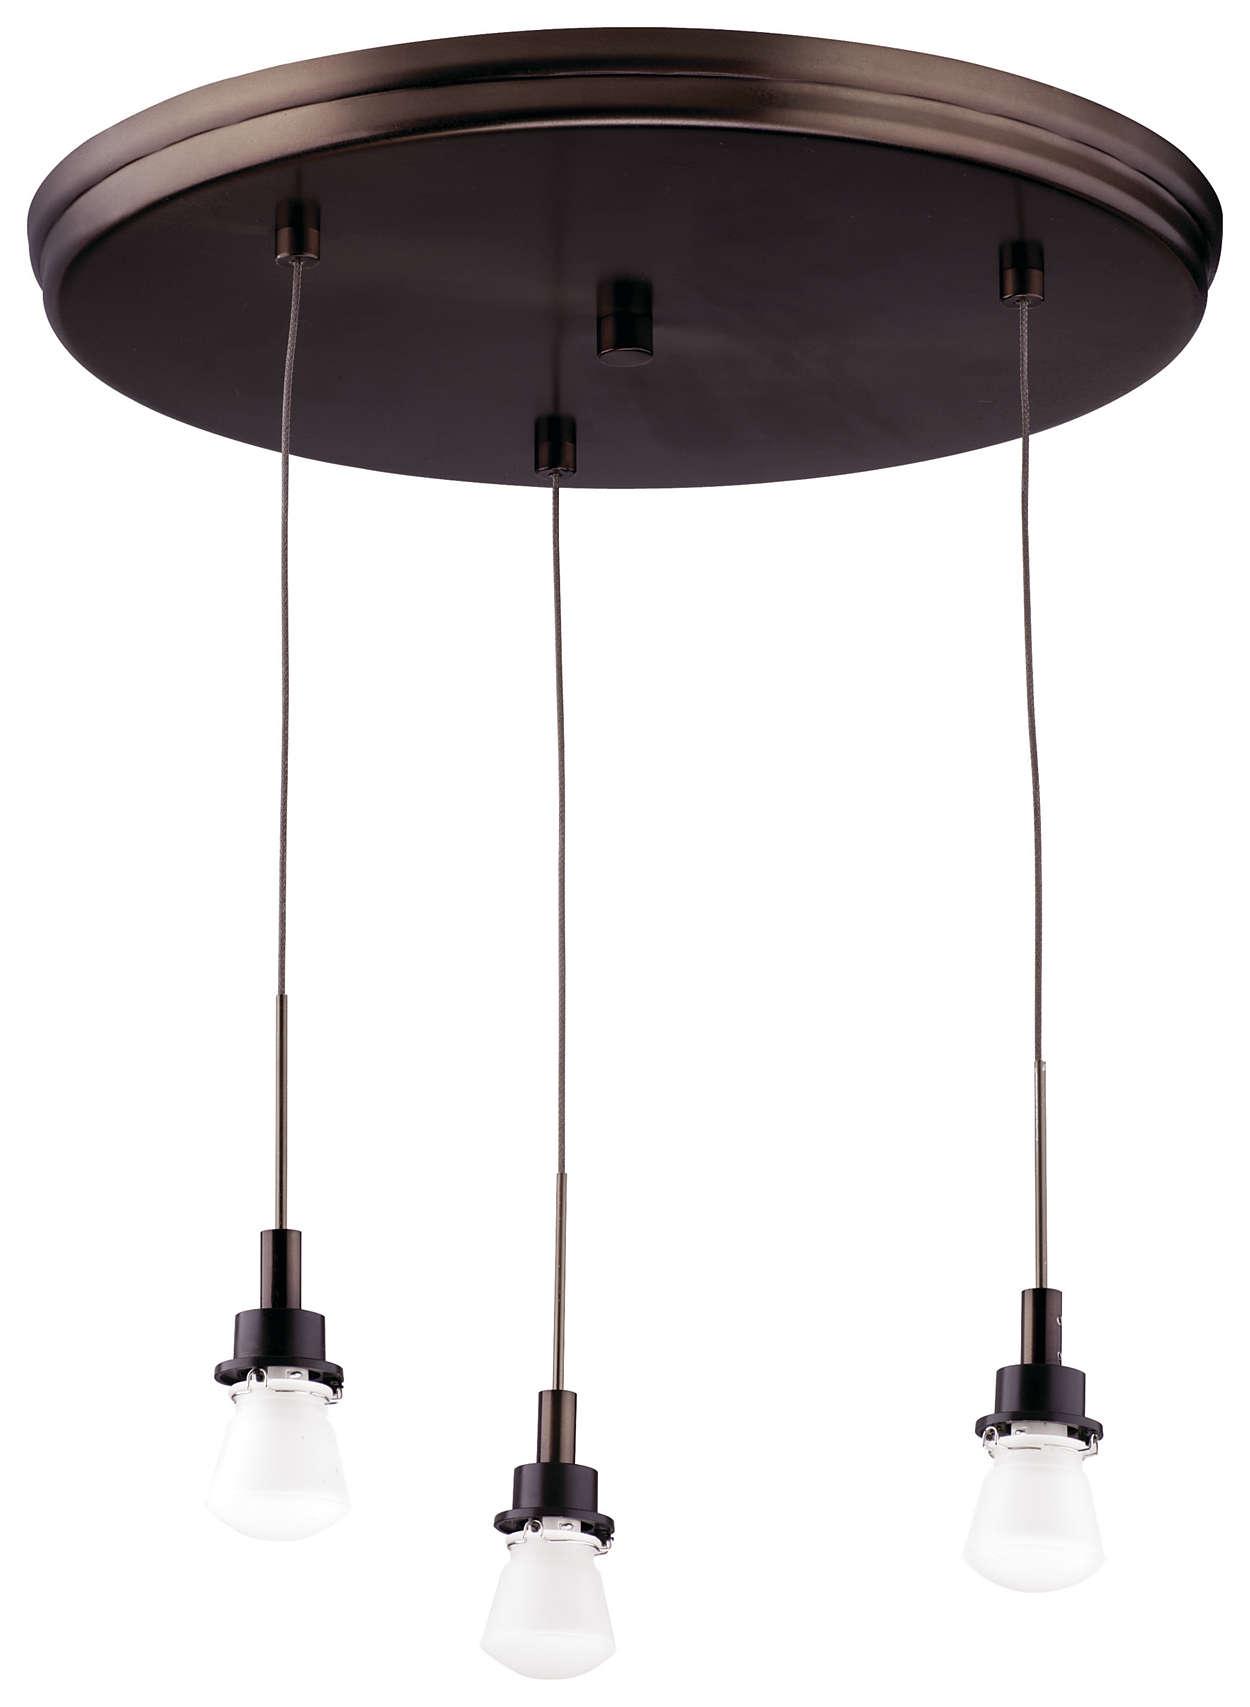 Suspension 3-light Pendant in Merlot Bronze finish